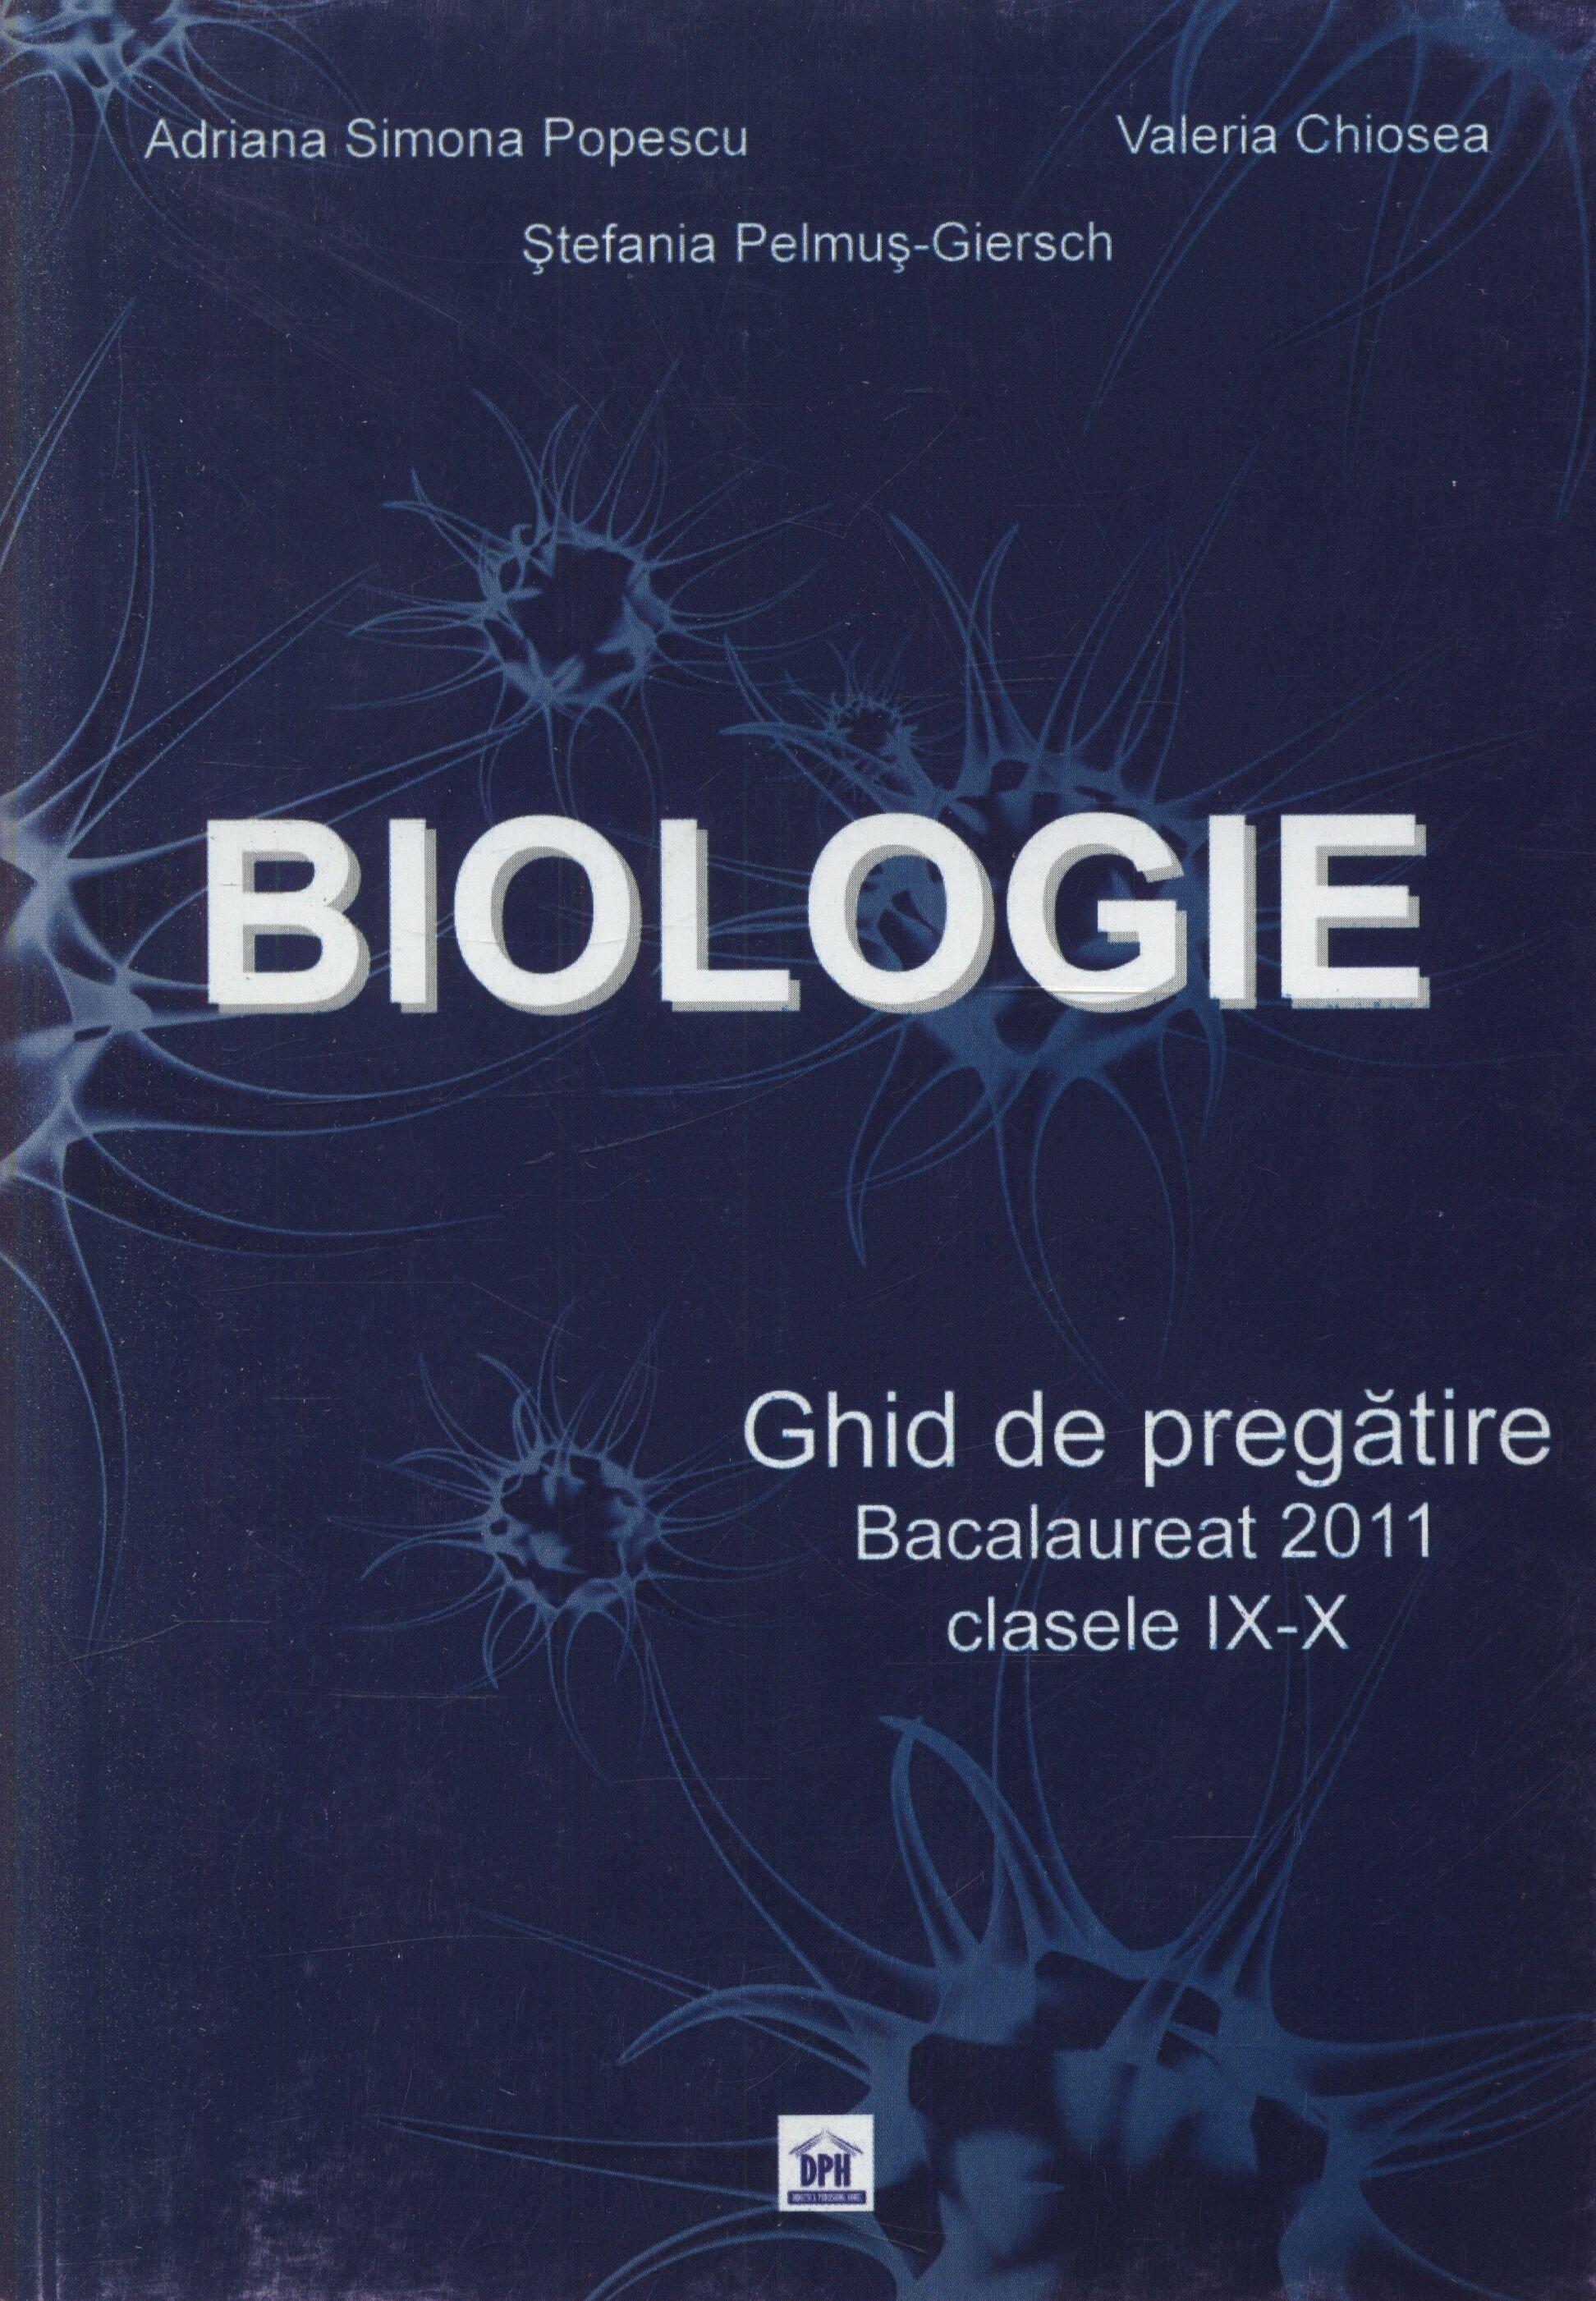 Coperta Carte Biologie. Ghid de pregatire. Bacalaureat 2011, clasele IX-X